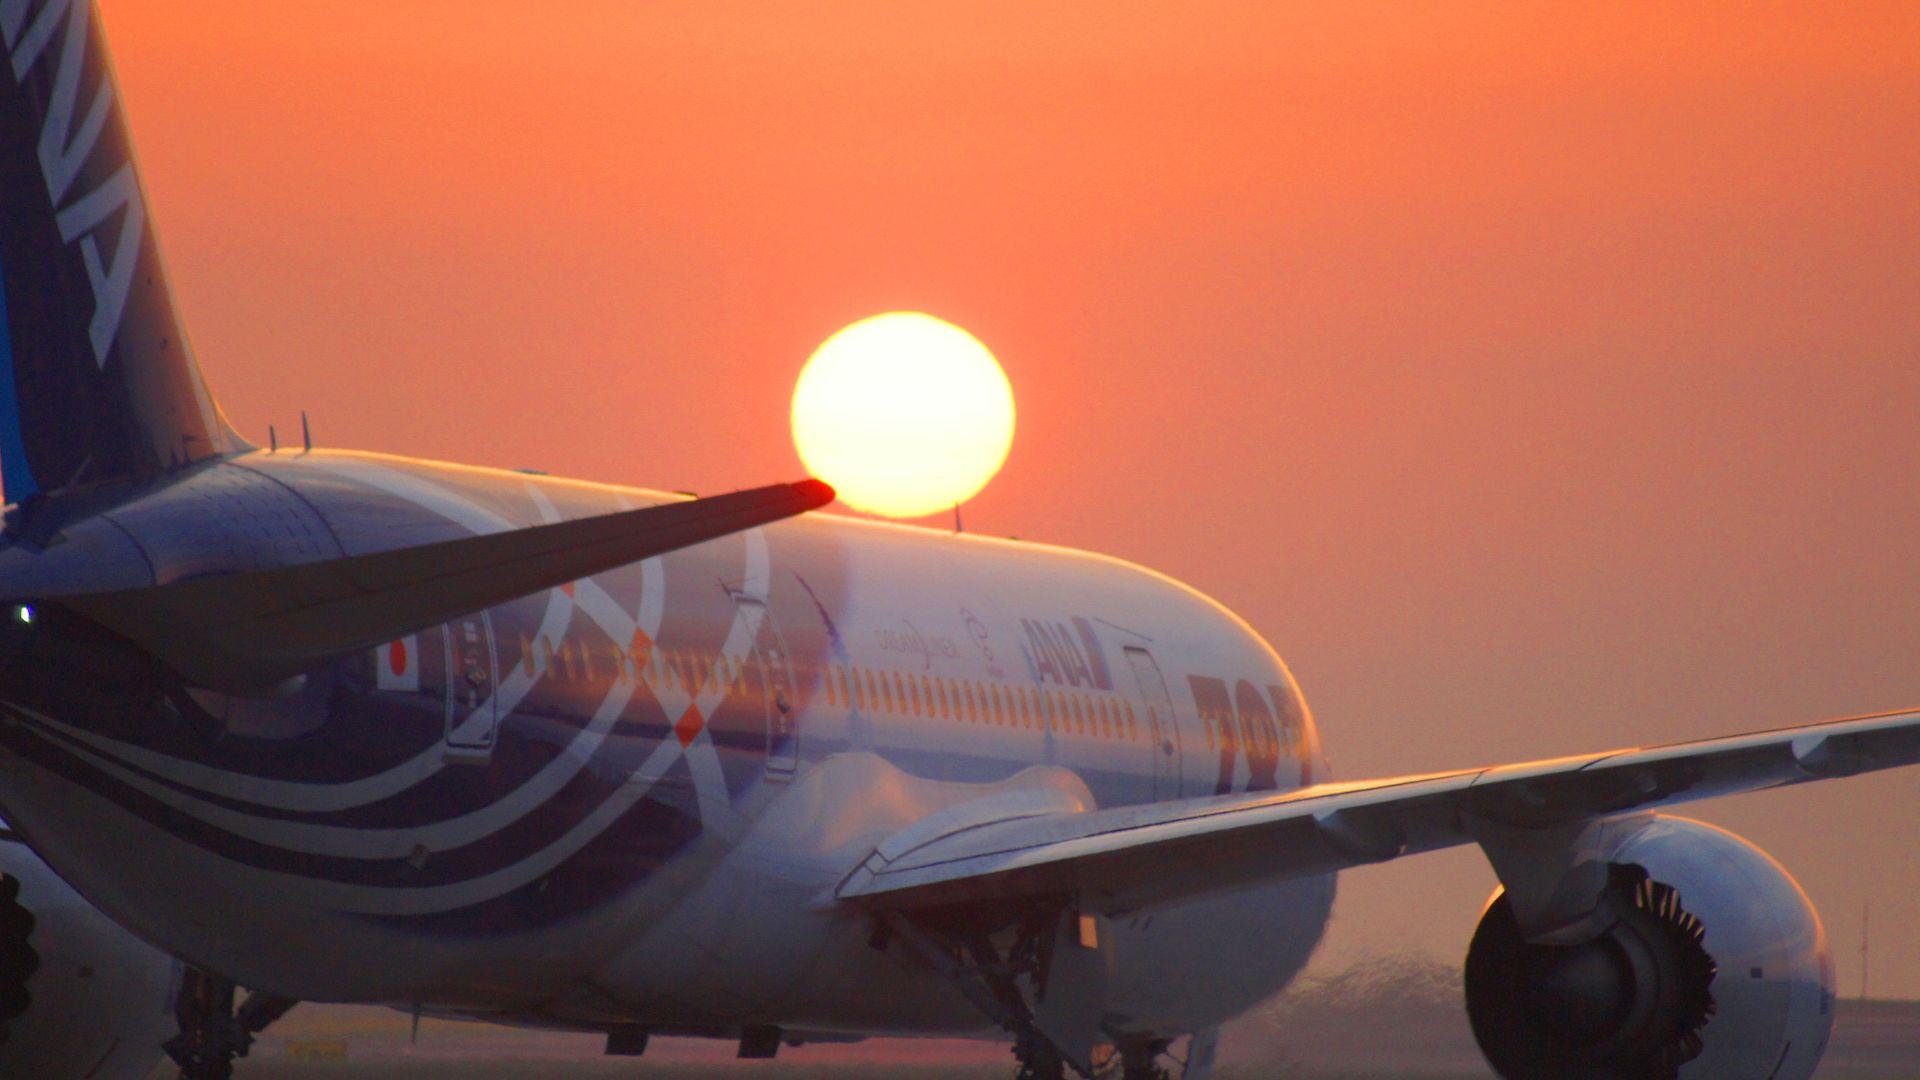 Estas son las aerolíneas más limpias del mundo